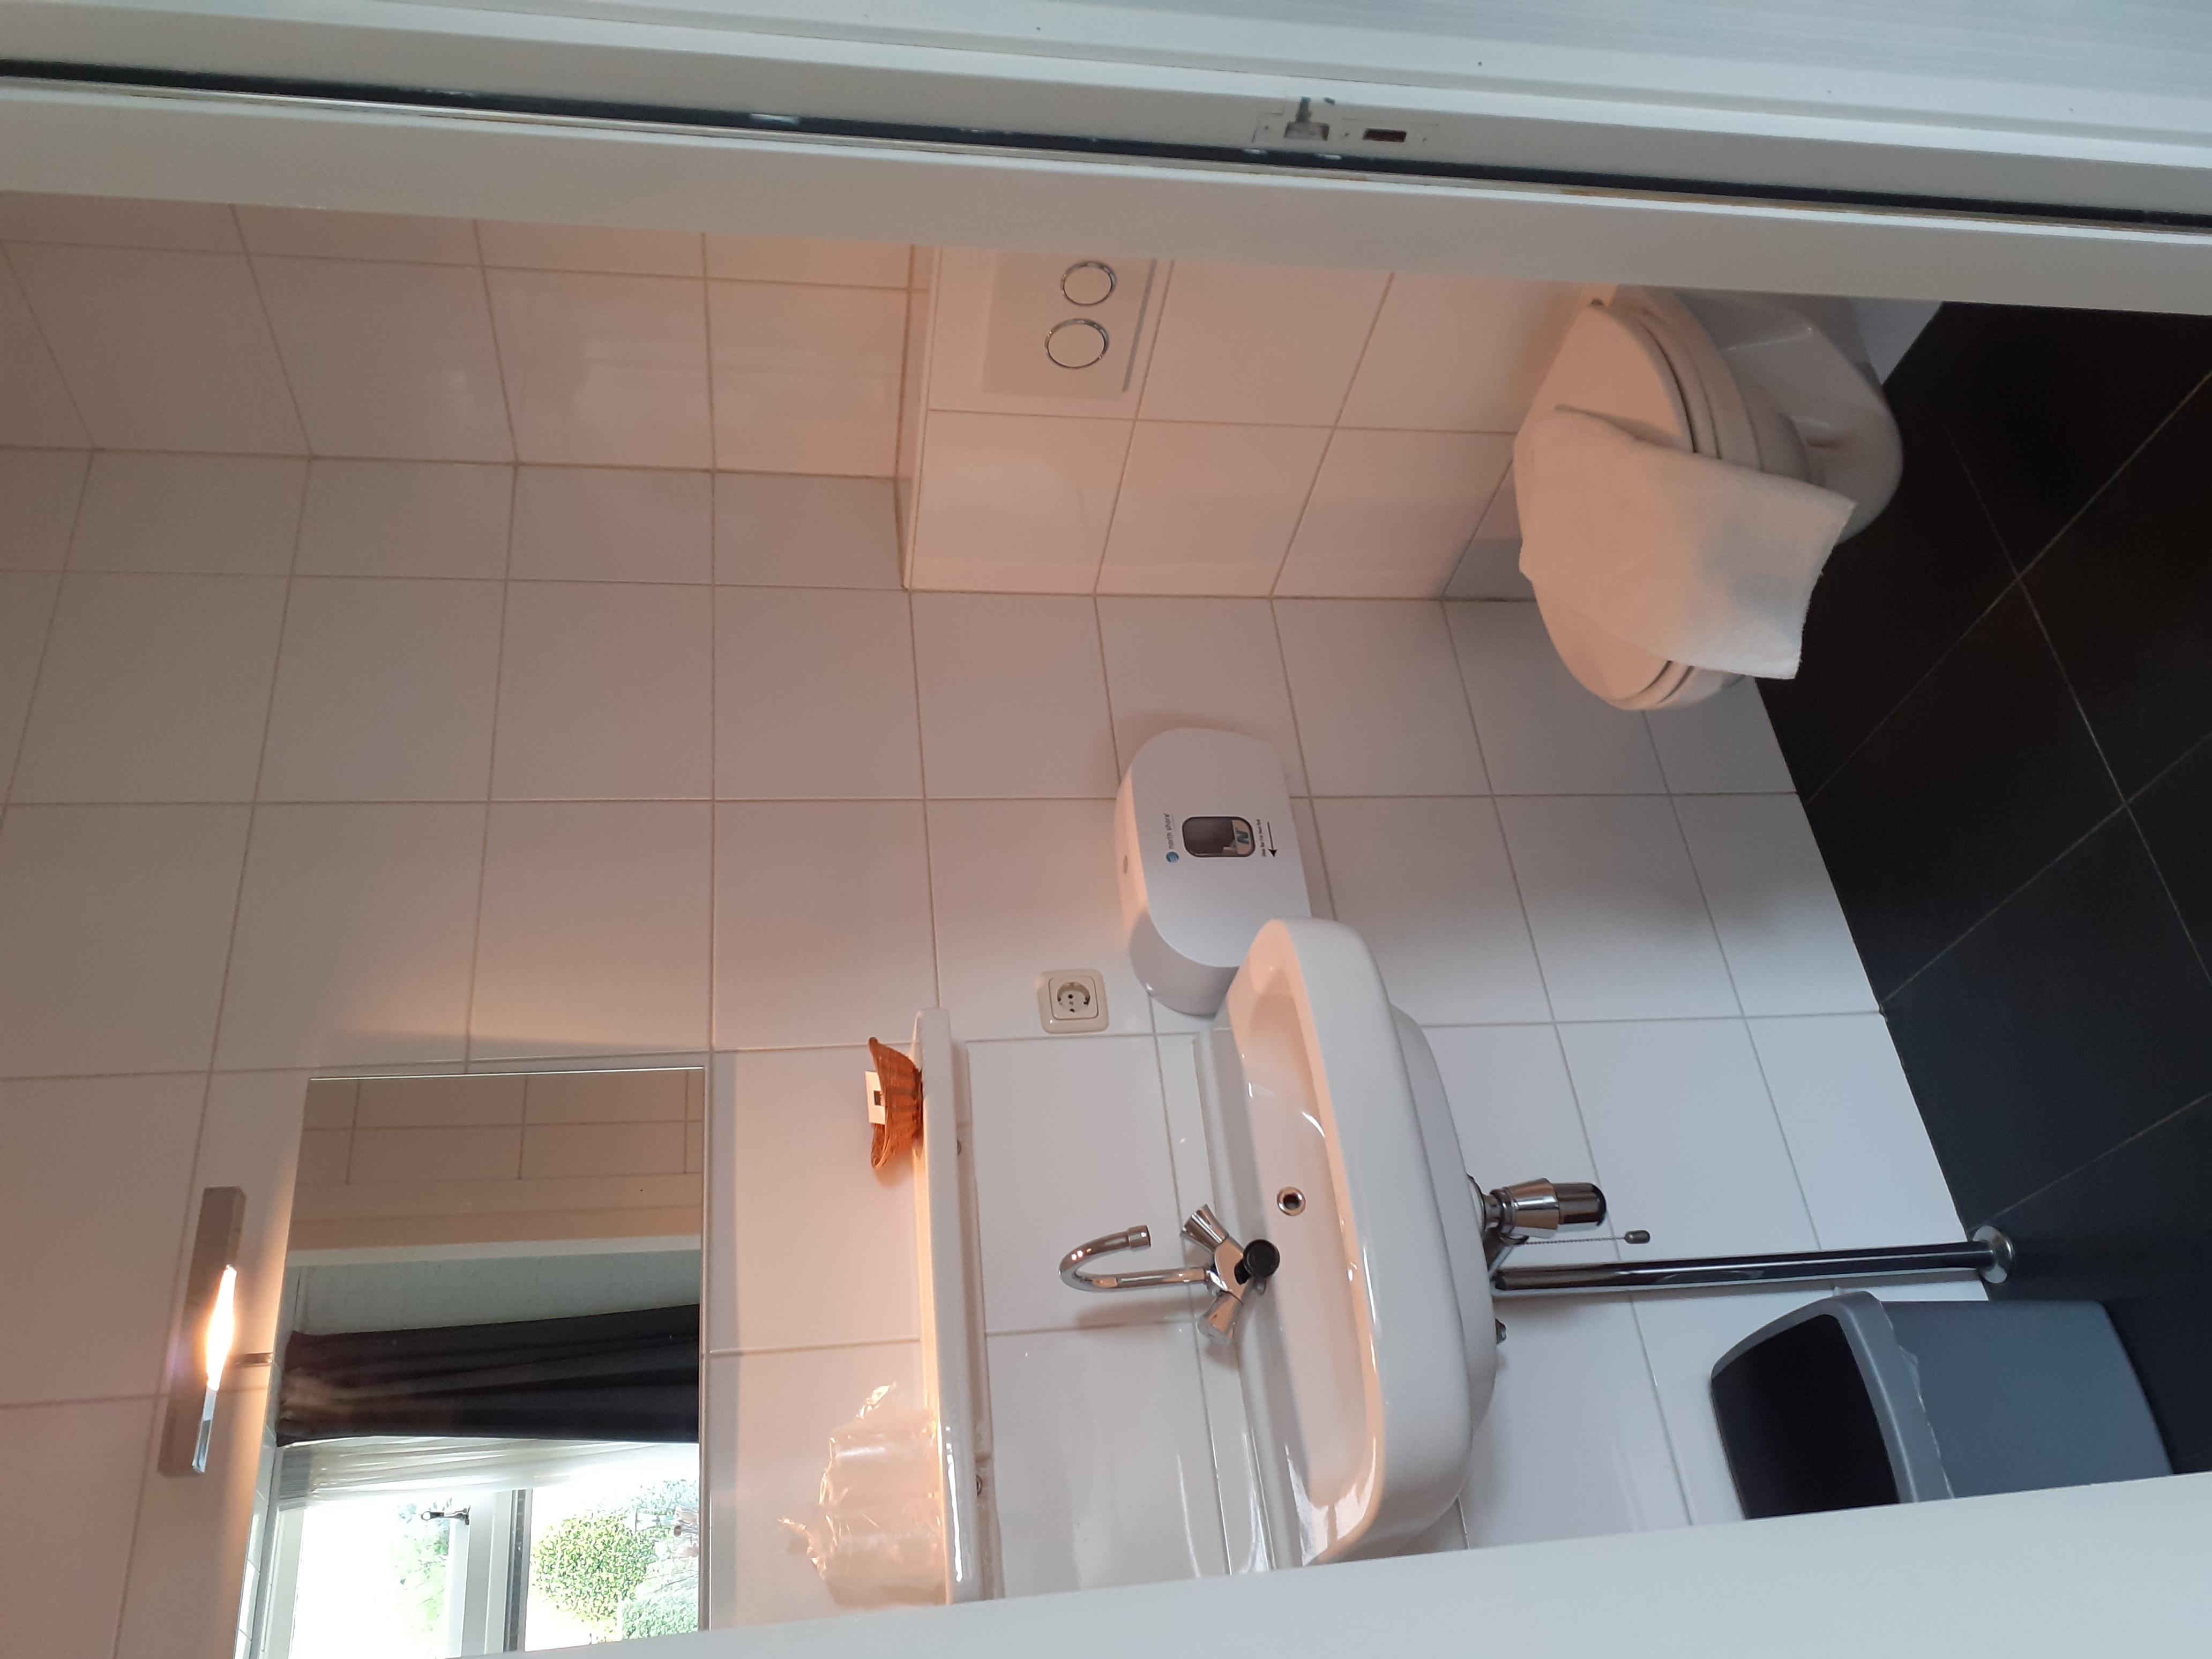 Badkamer kamer 12